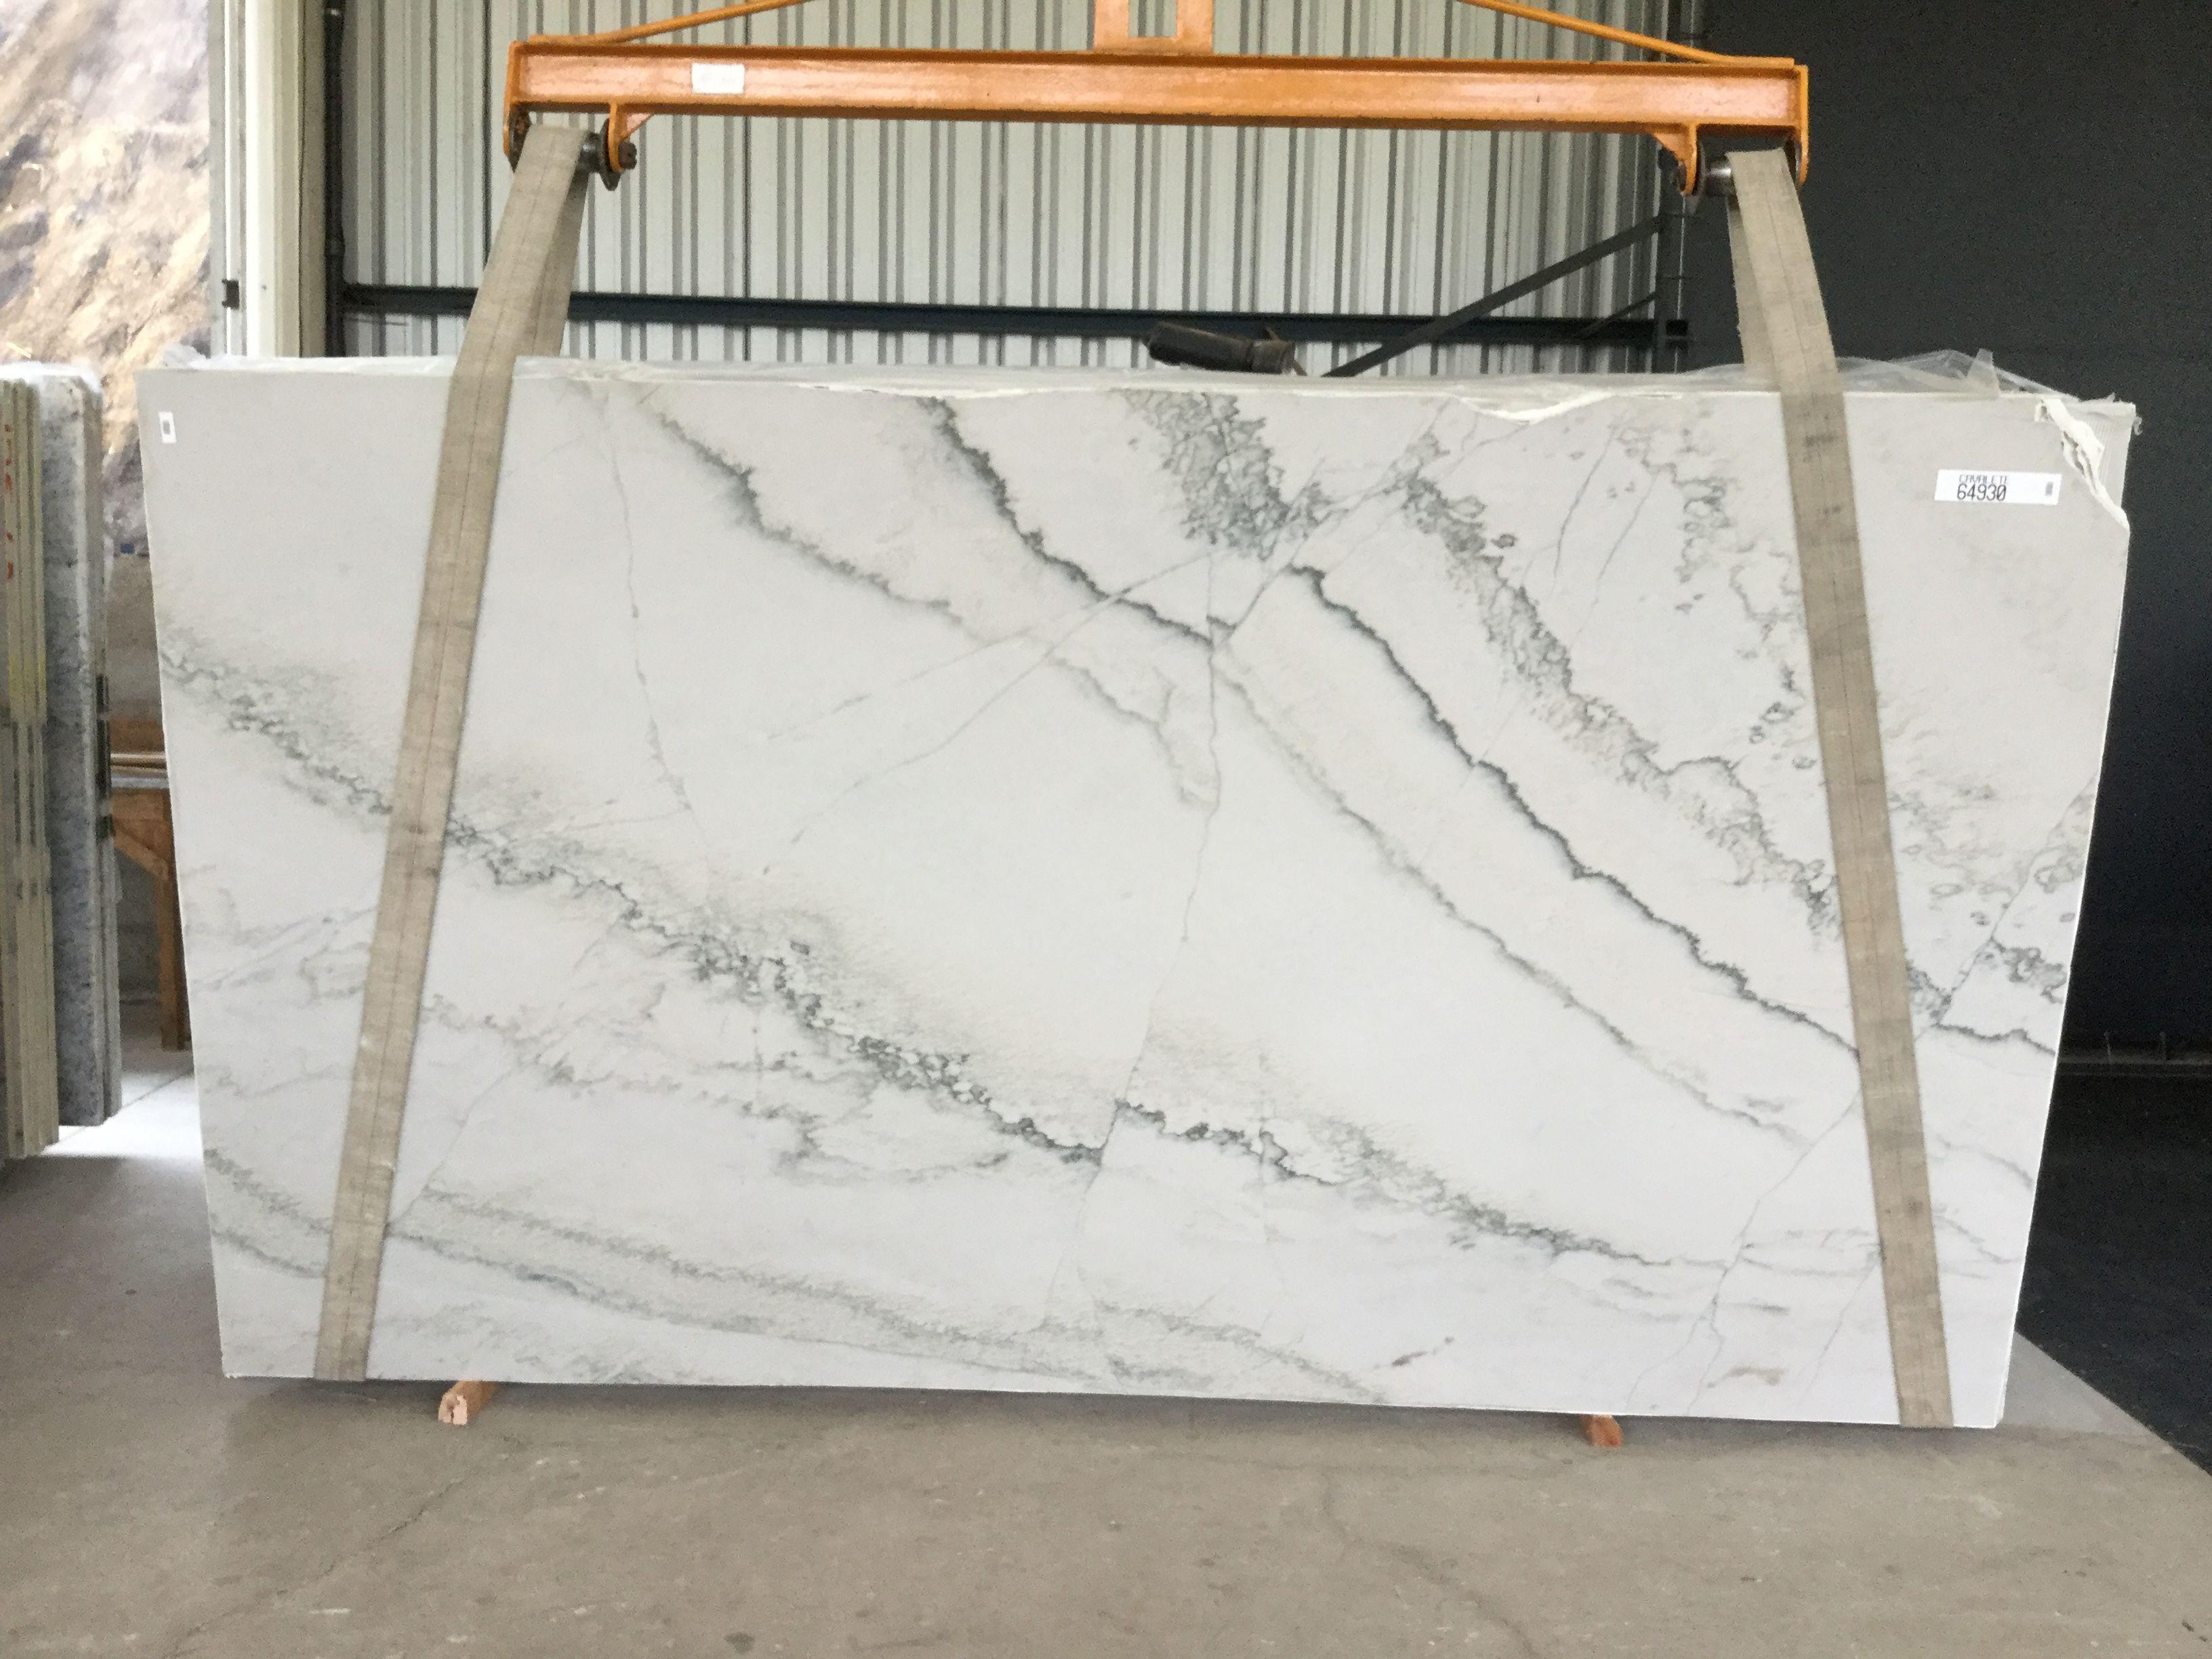 Calacatta Macaubus 3cm Quartzite Group White Granite Countertops White Quartzite Countertops Quartzite Countertops